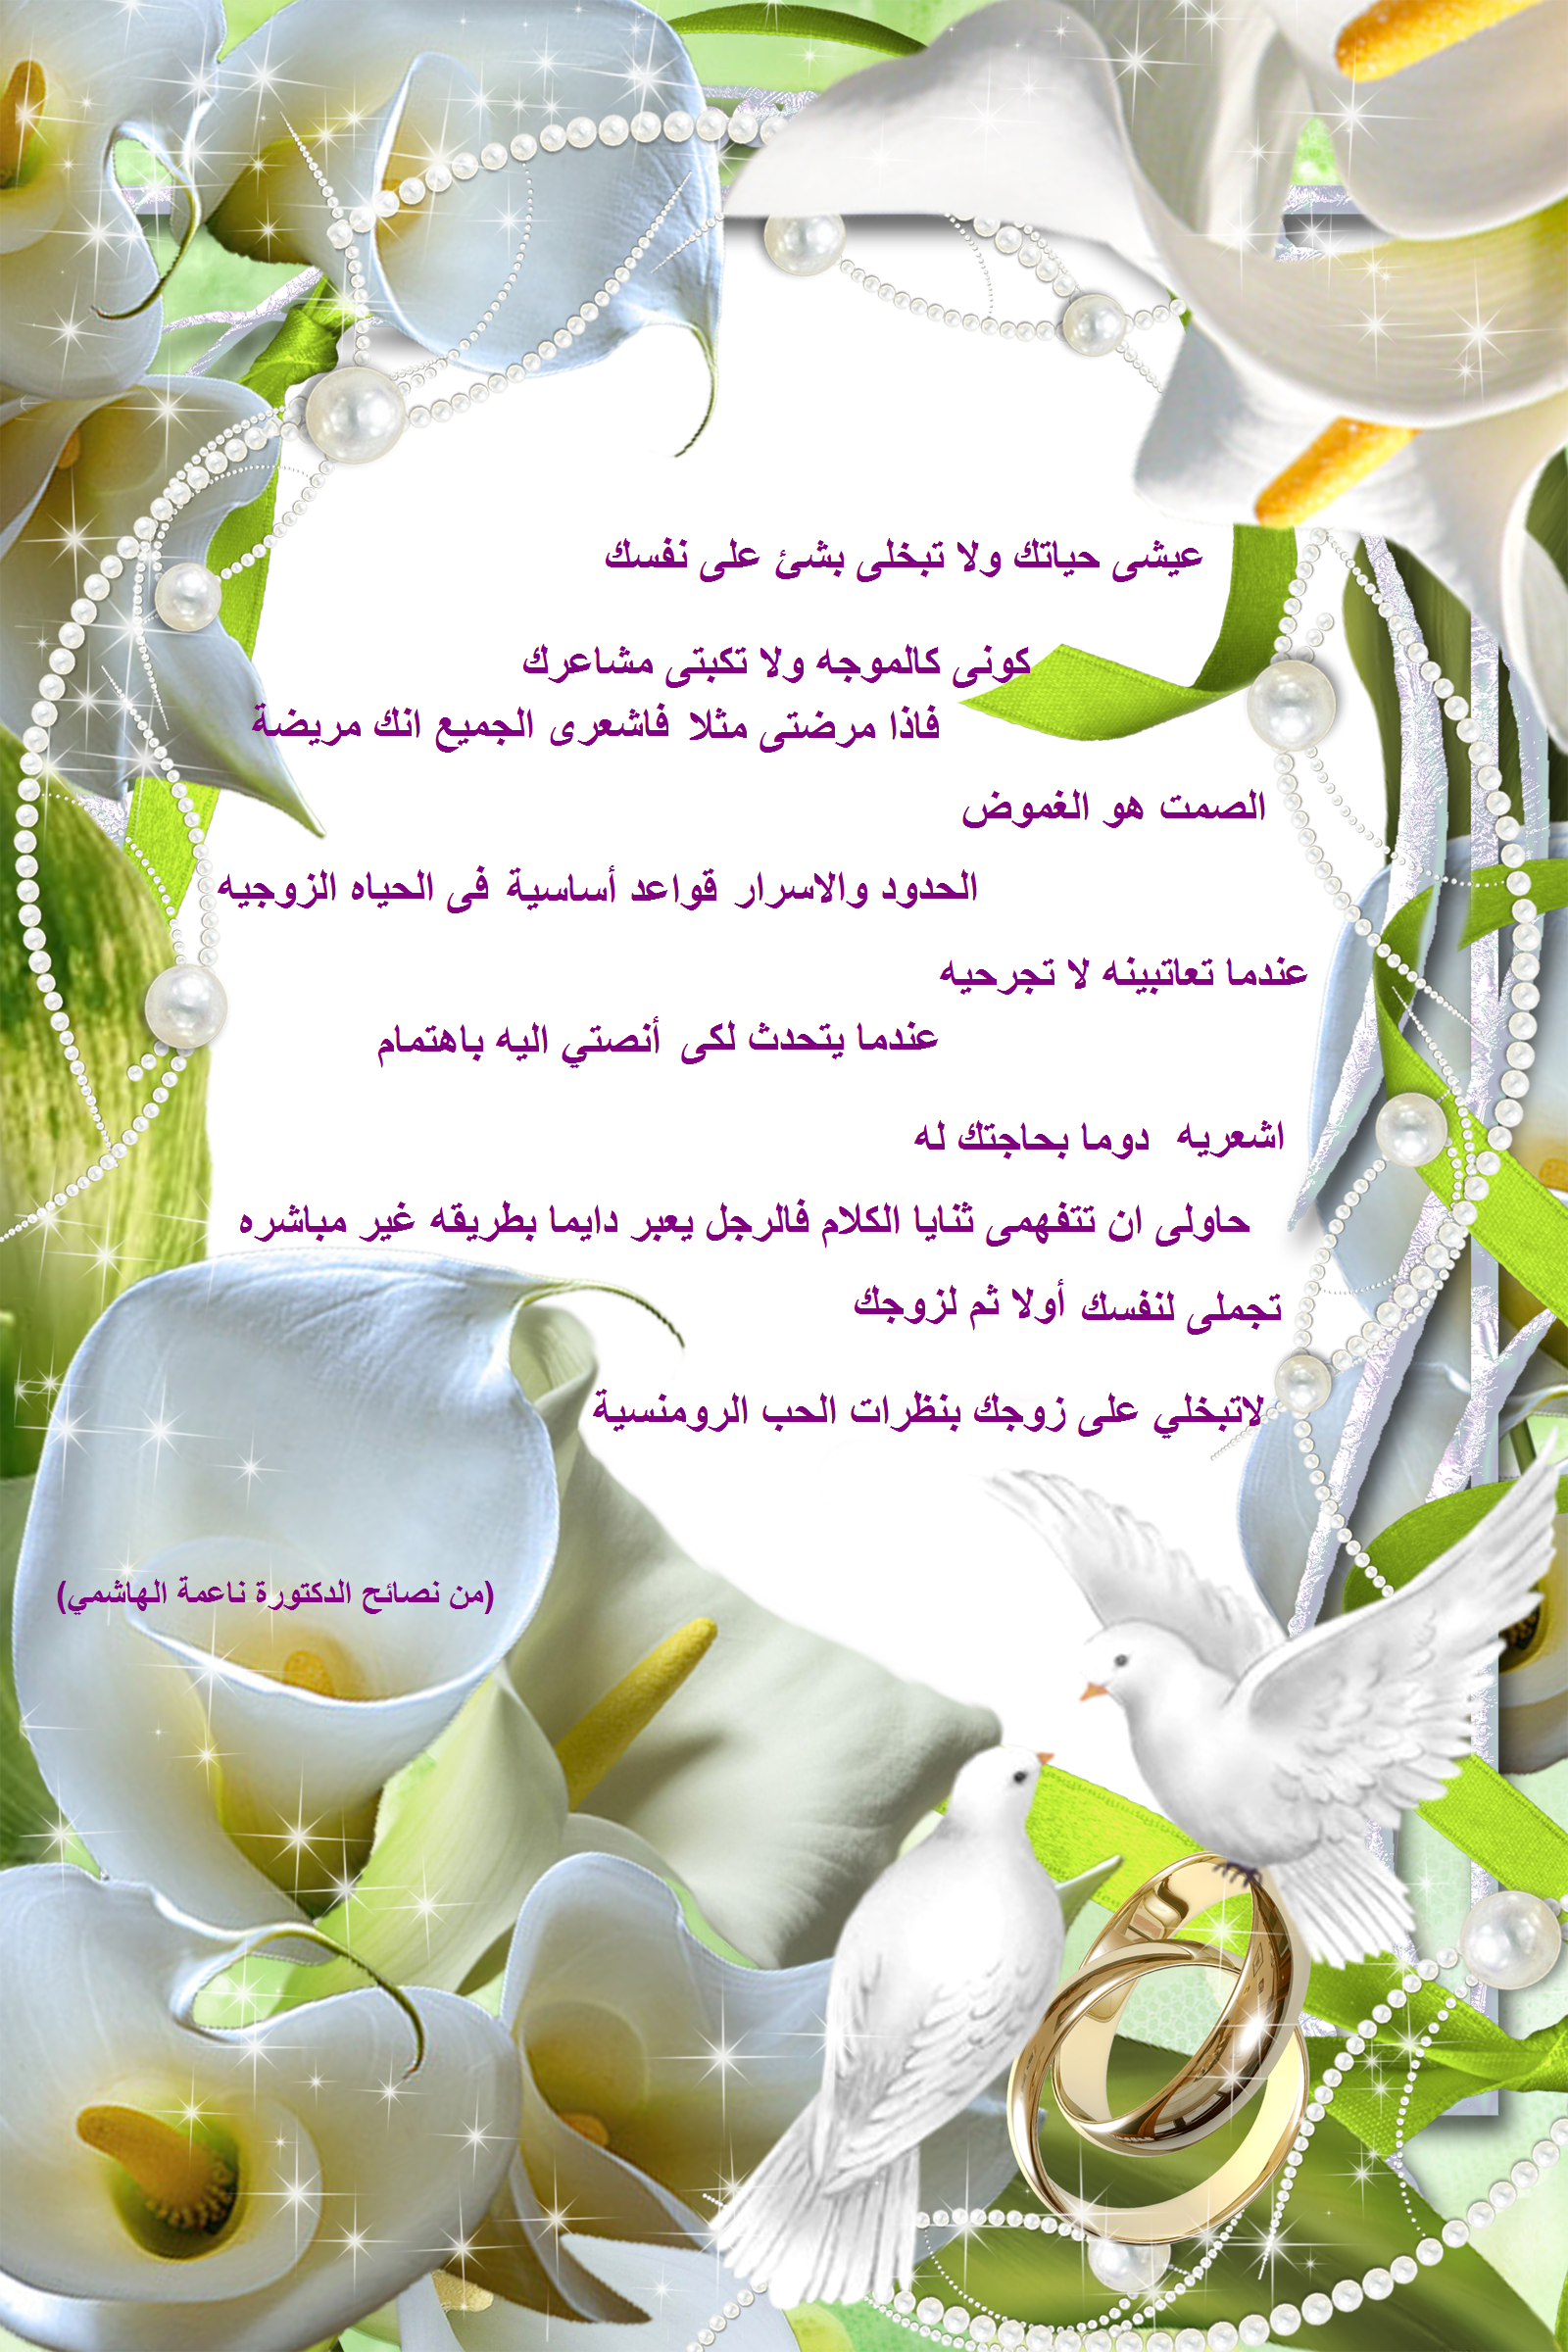 كتب الدكتورة ناعمة الهاشمي